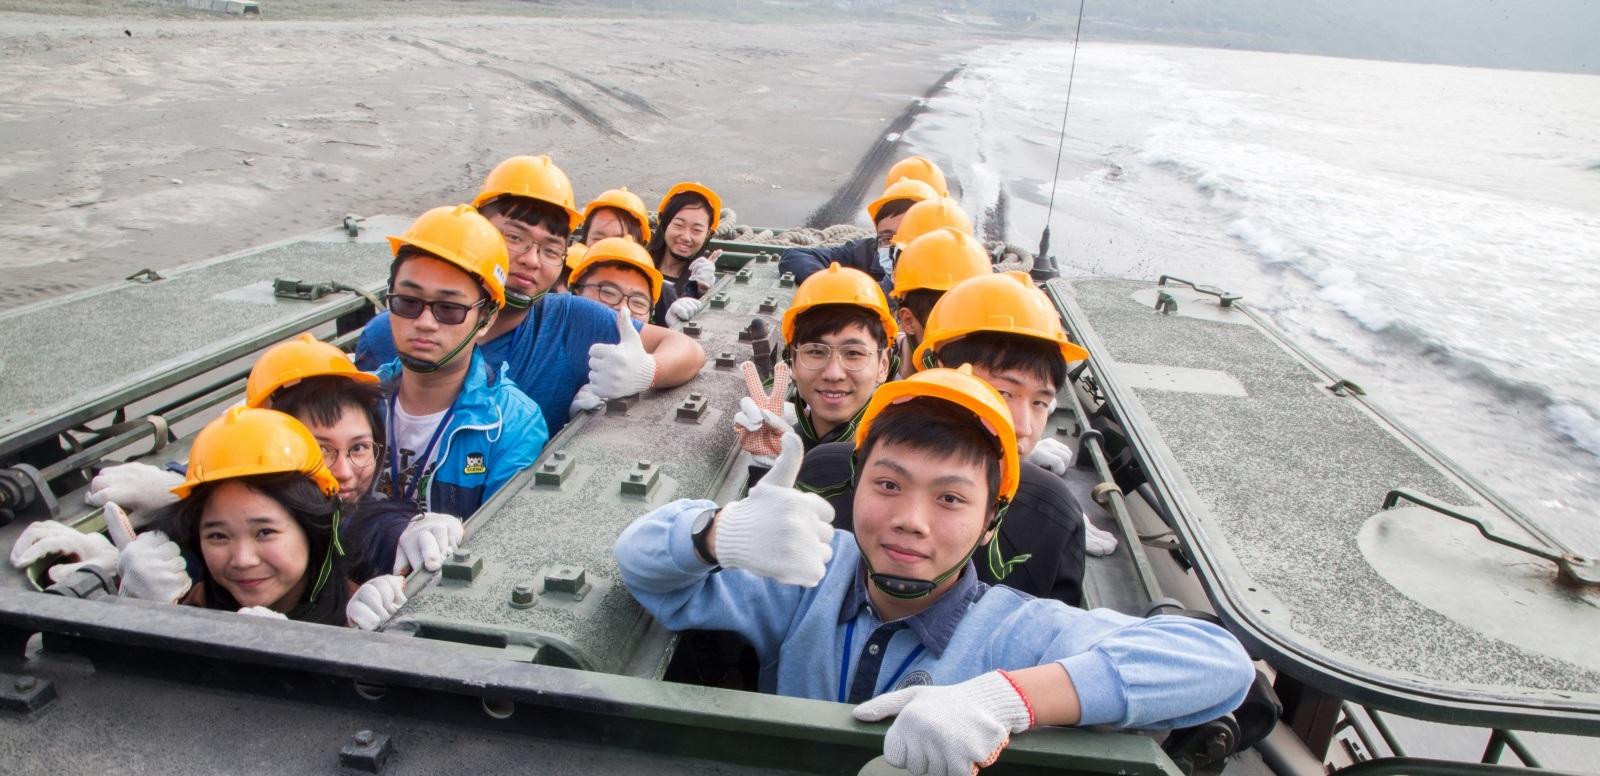 國防部109年全民國防教育寒假戰鬥營